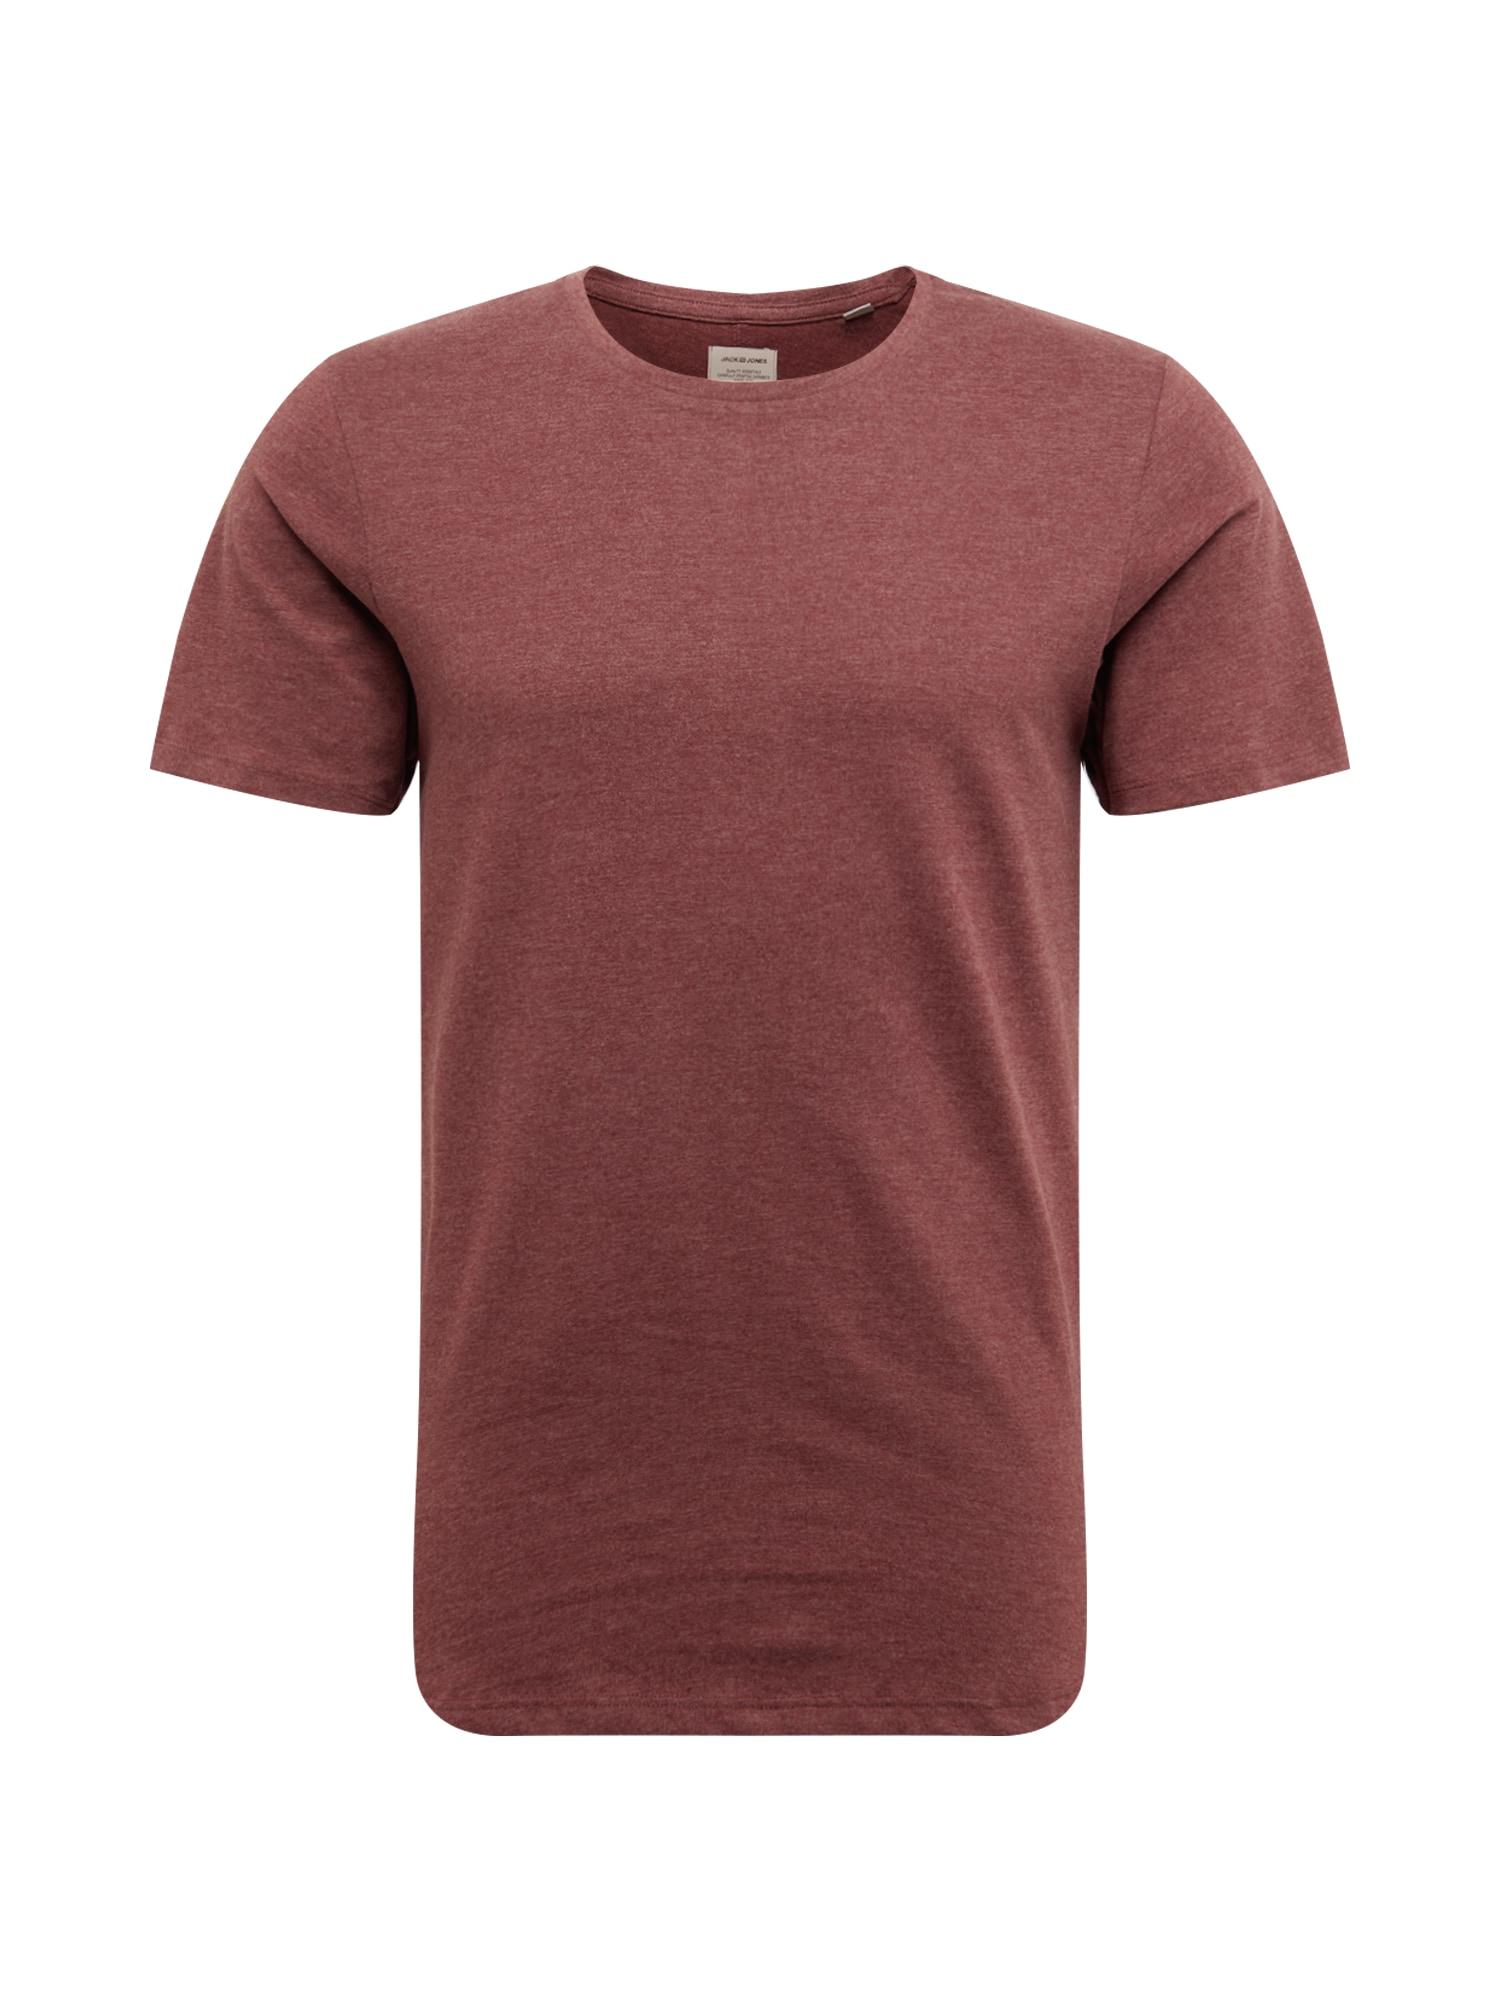 Tričko EHUGO vínově červená JACK & JONES